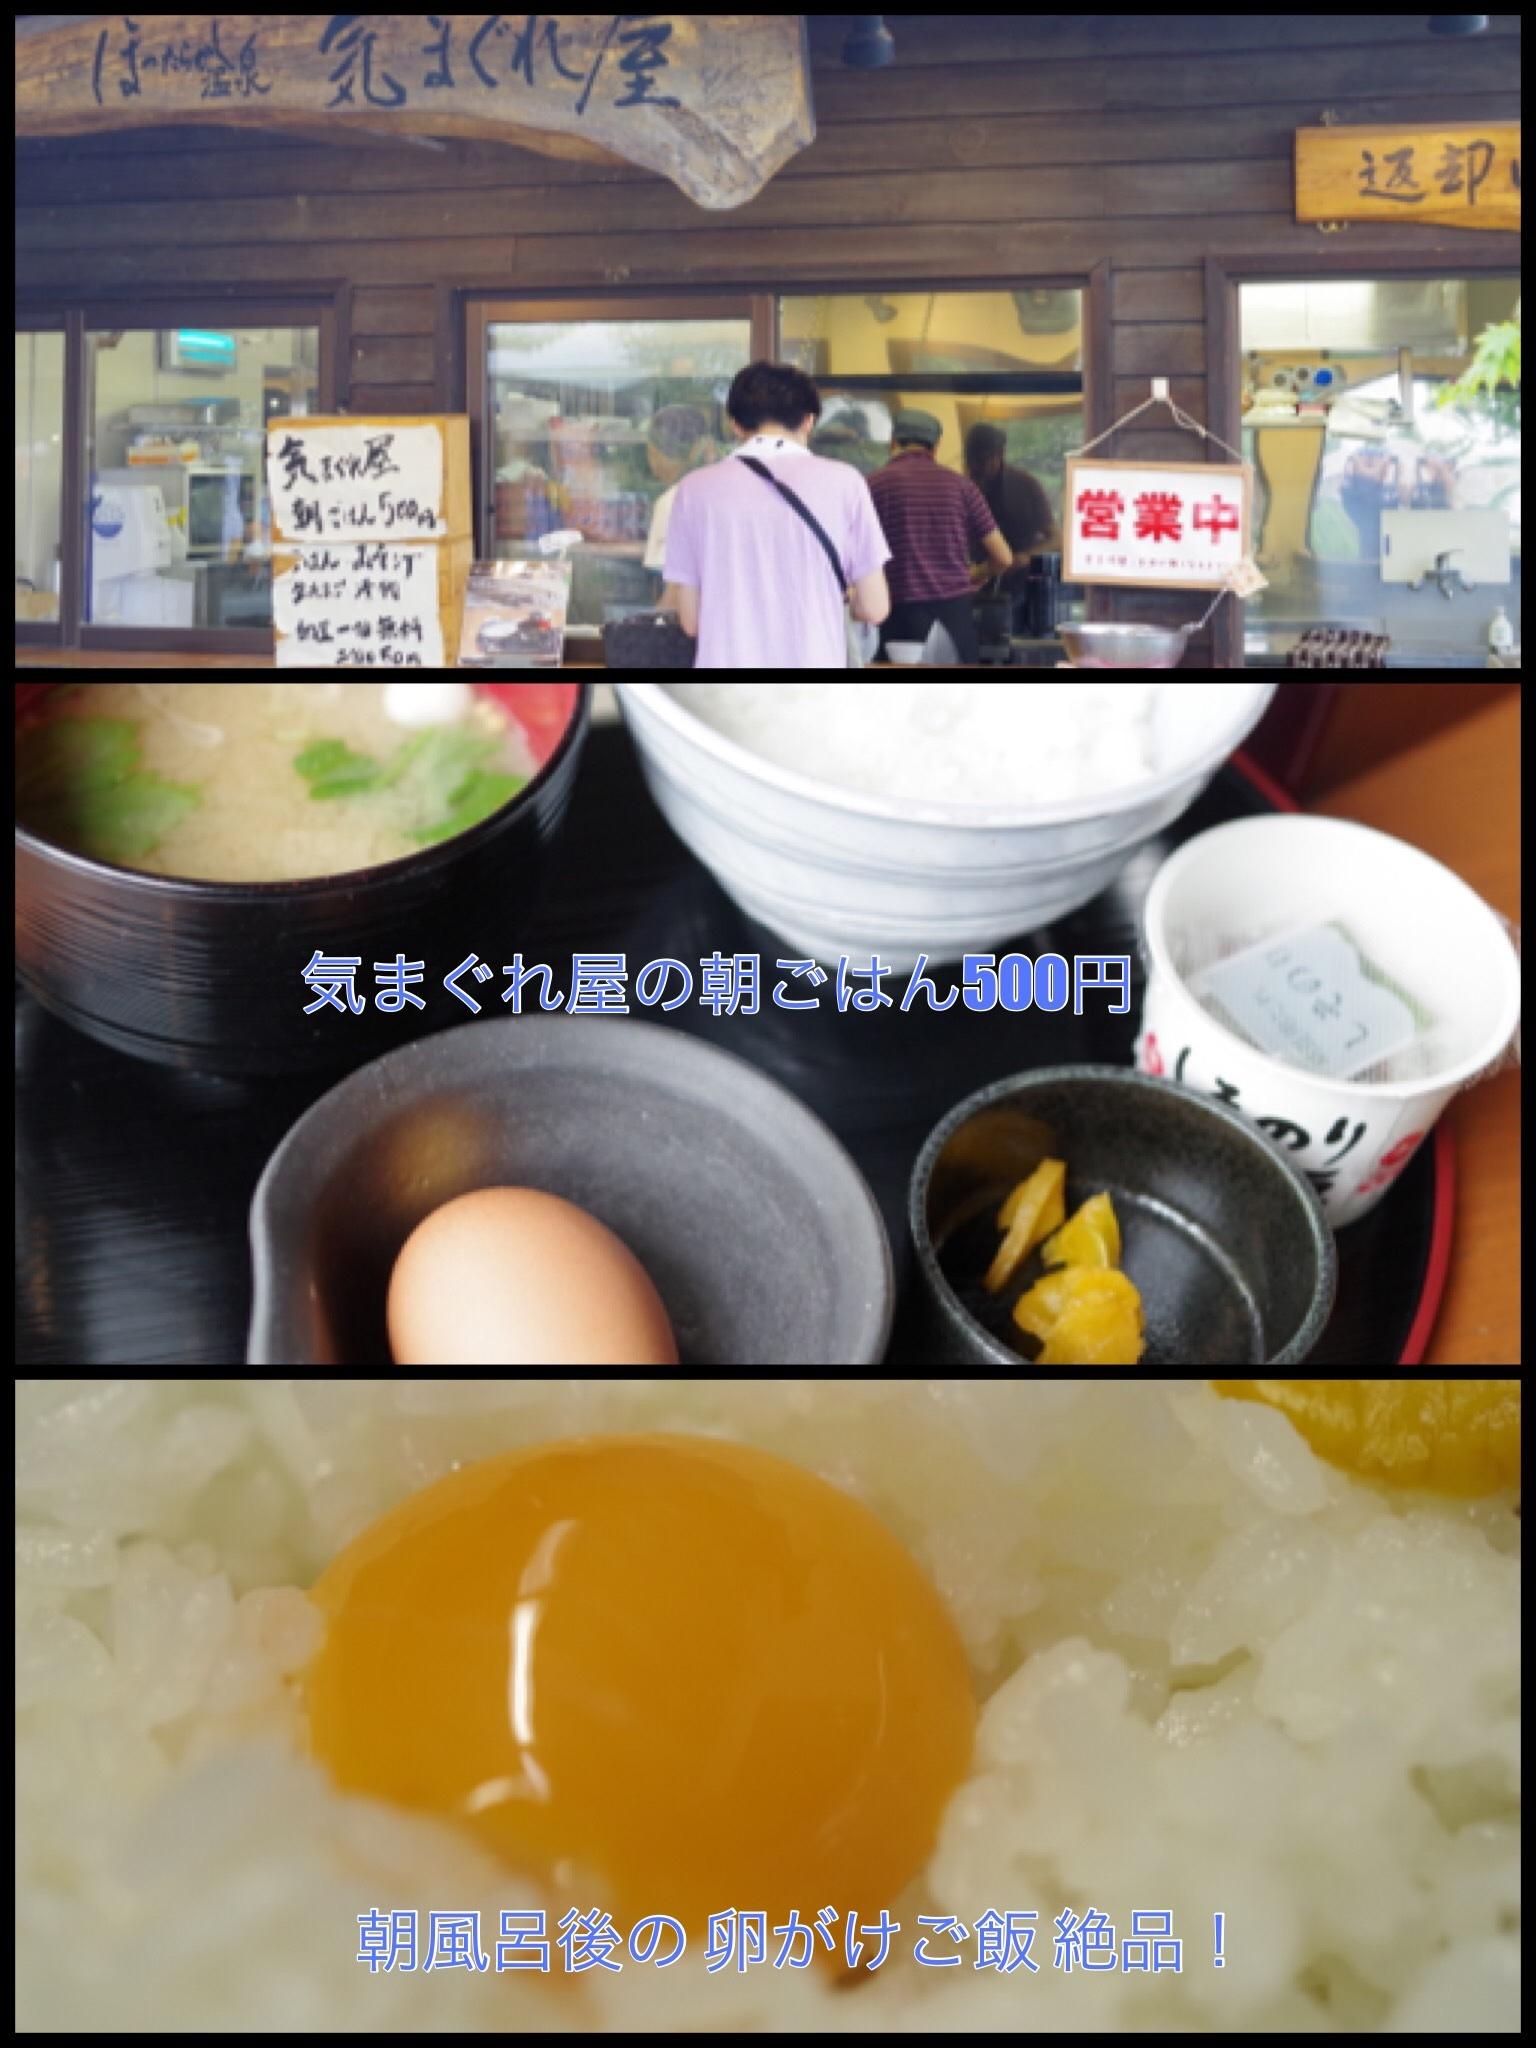 山梨 ほったらかし温泉 気まぐれ屋 朝ごはん 卵がけご飯